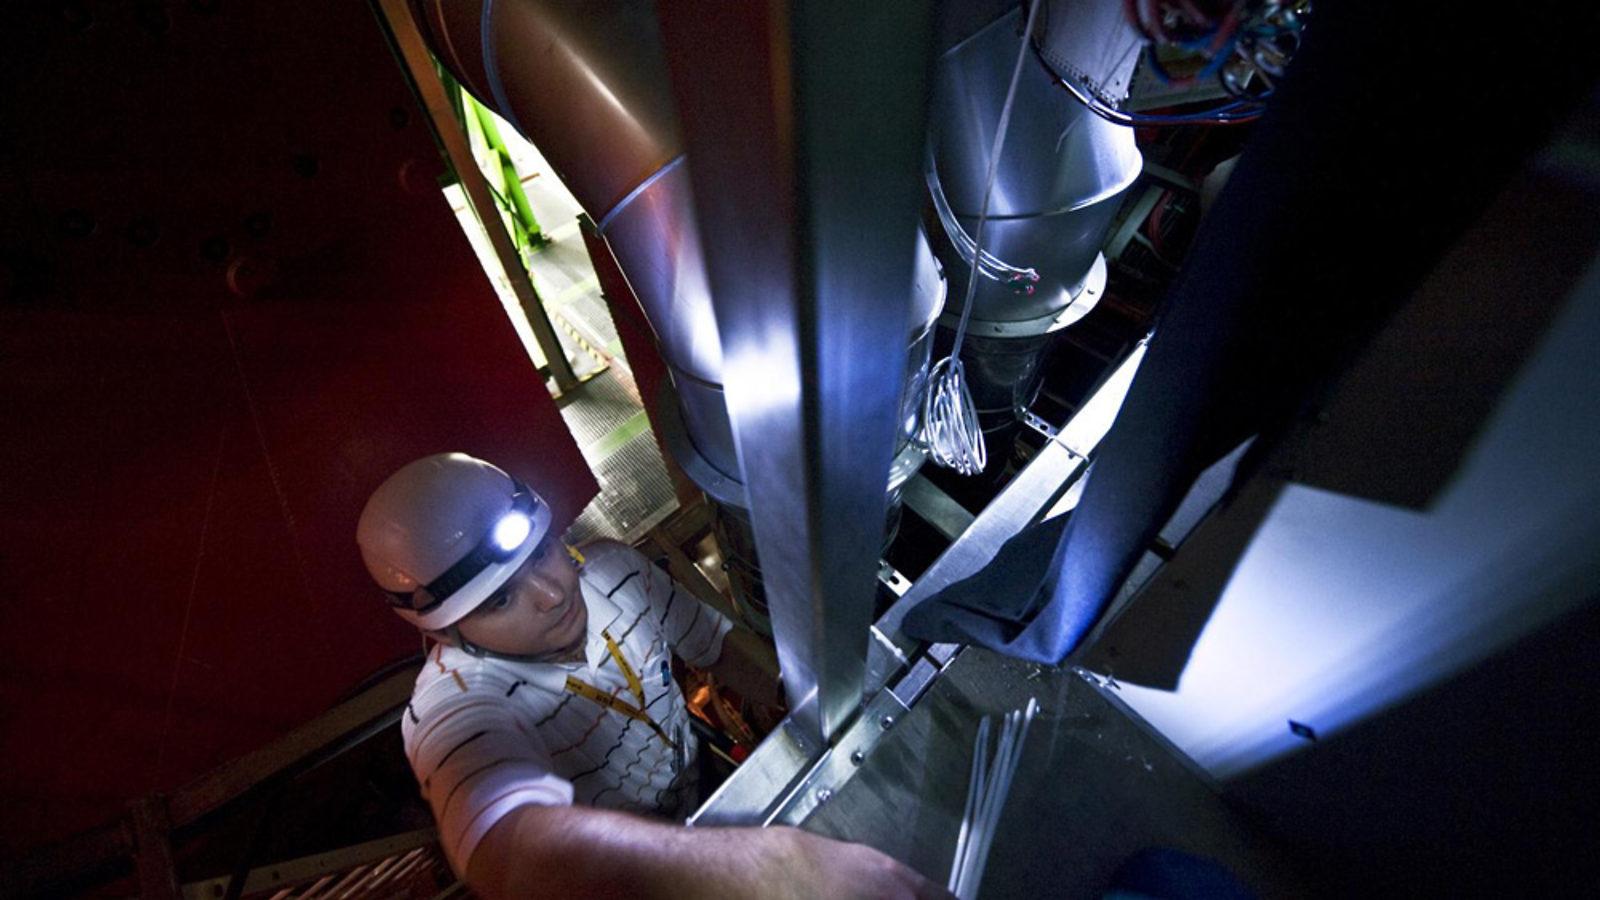 Image: CERN L3 magnet